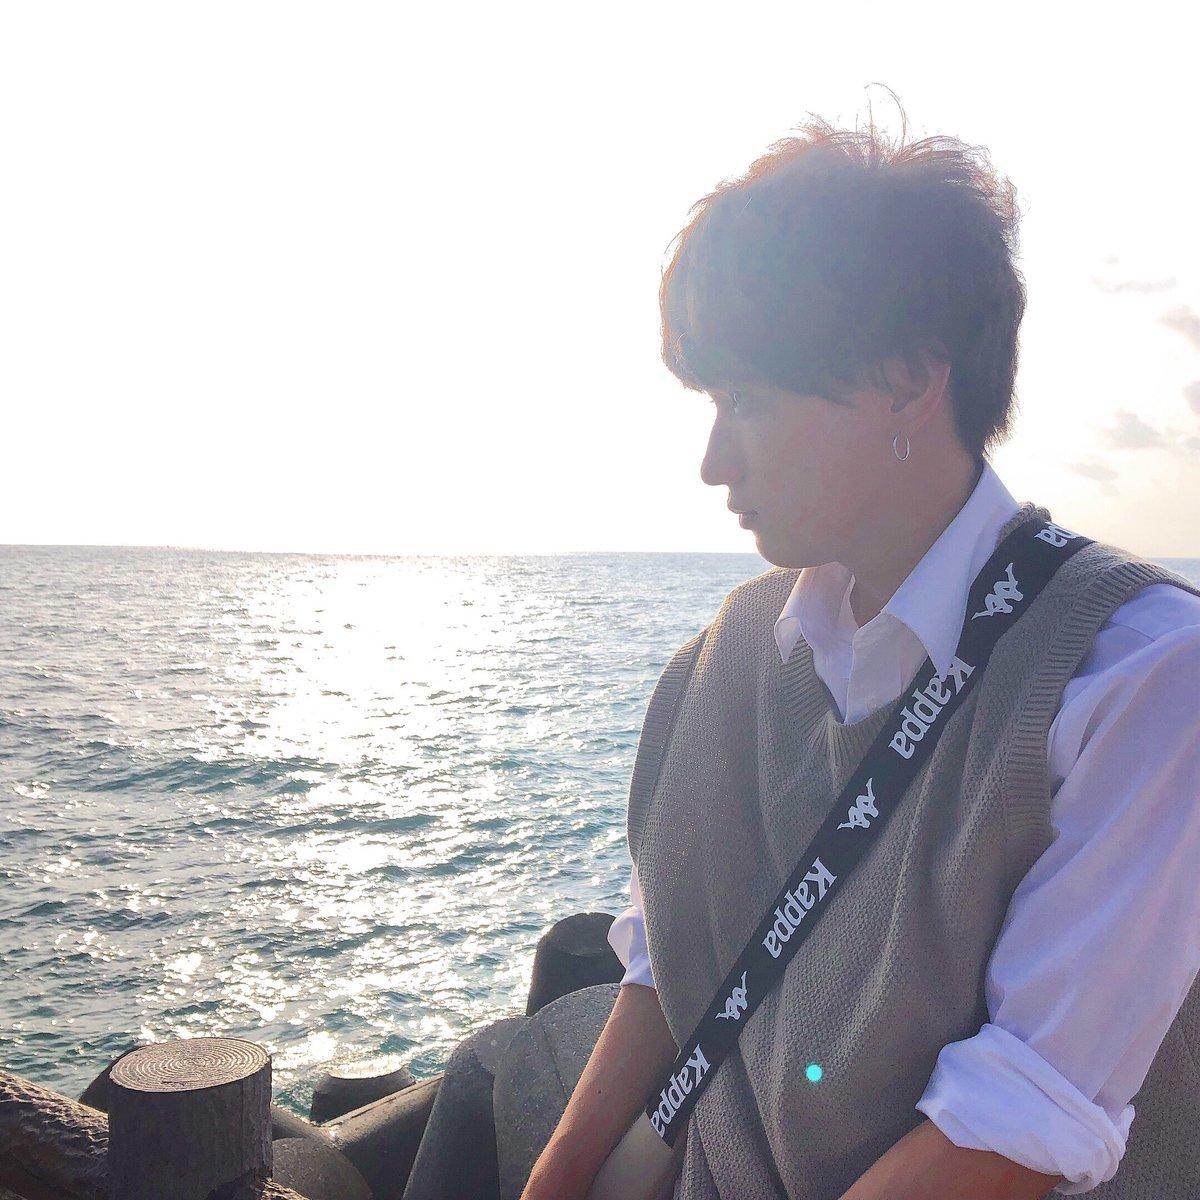 沖縄で撮ったやつ📸